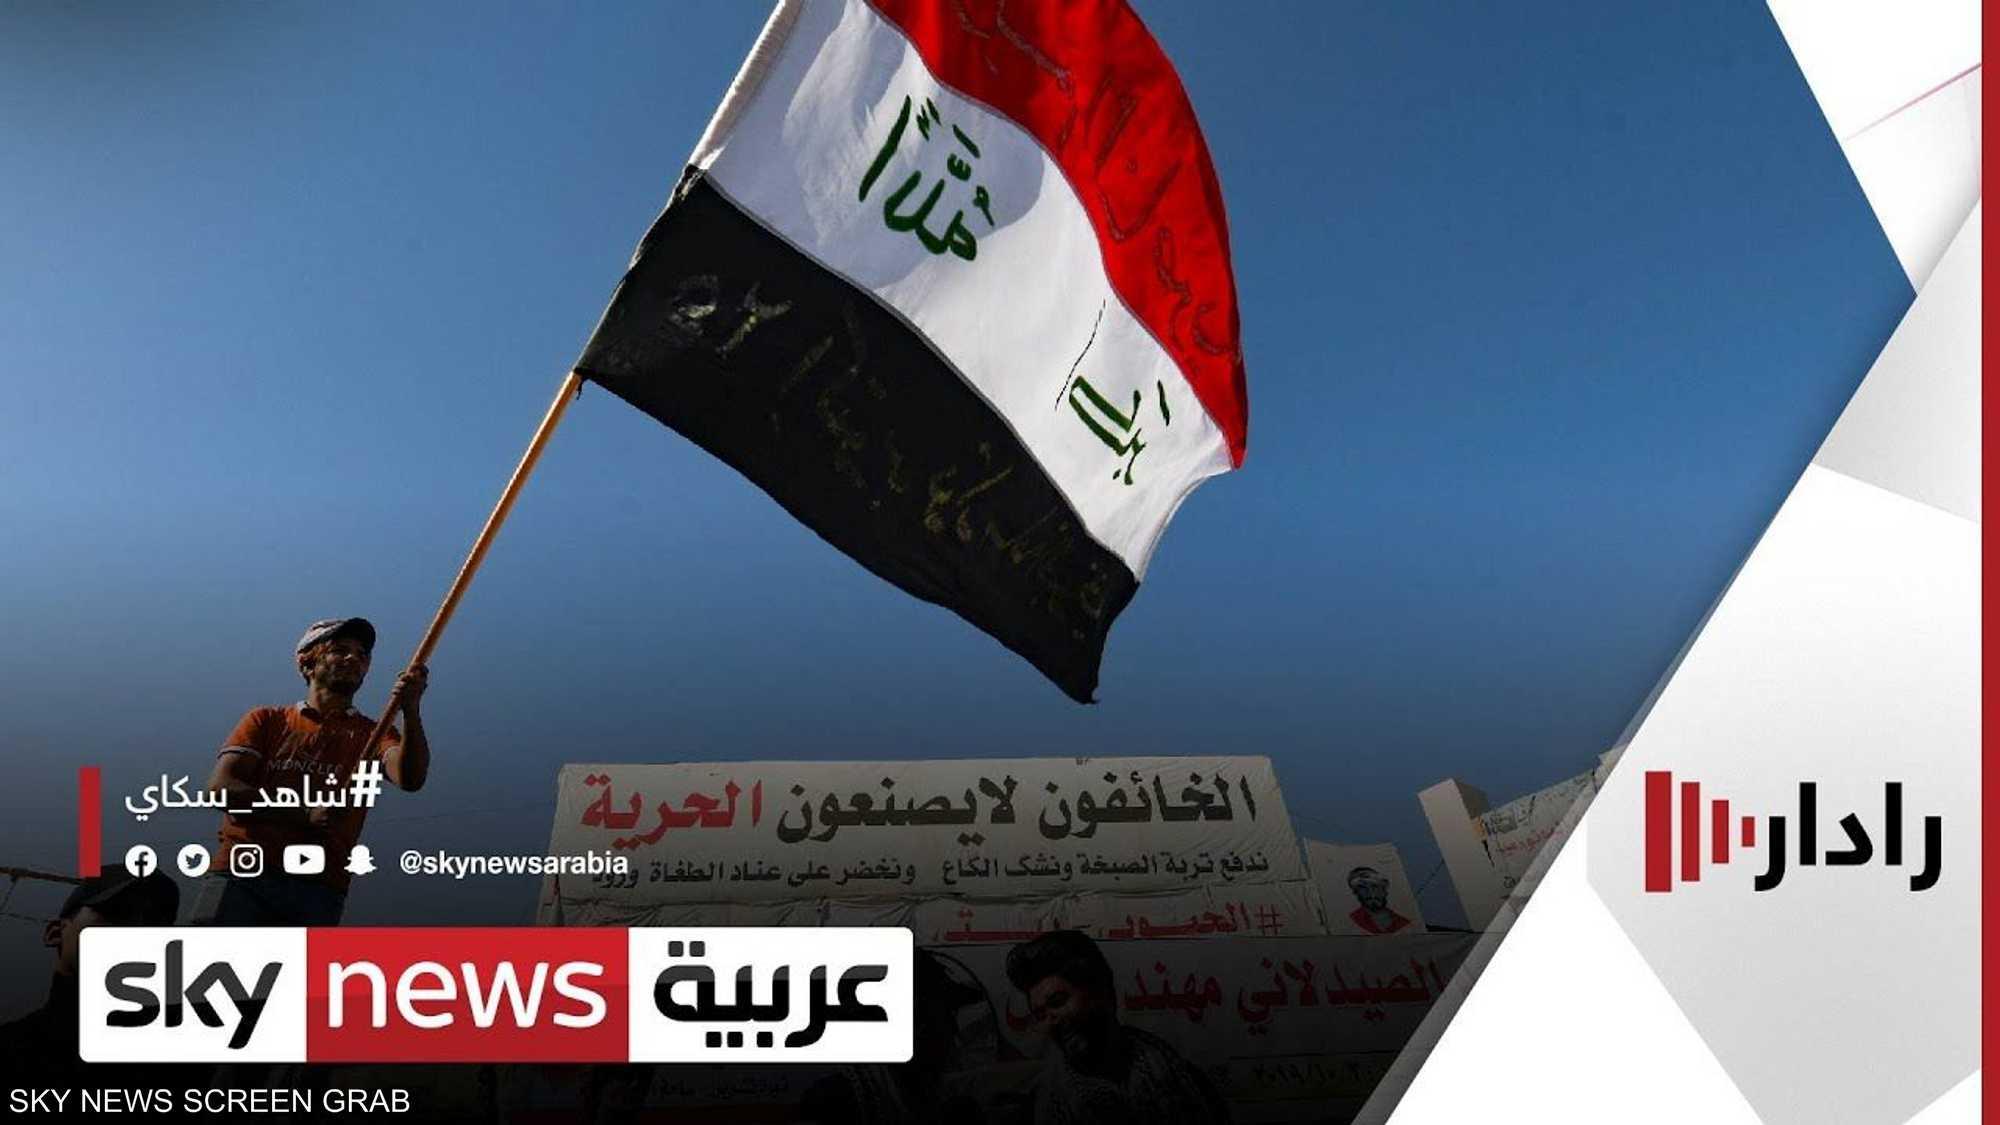 تصدع في البيت السني العراقي بسبب قانون الانتخاب